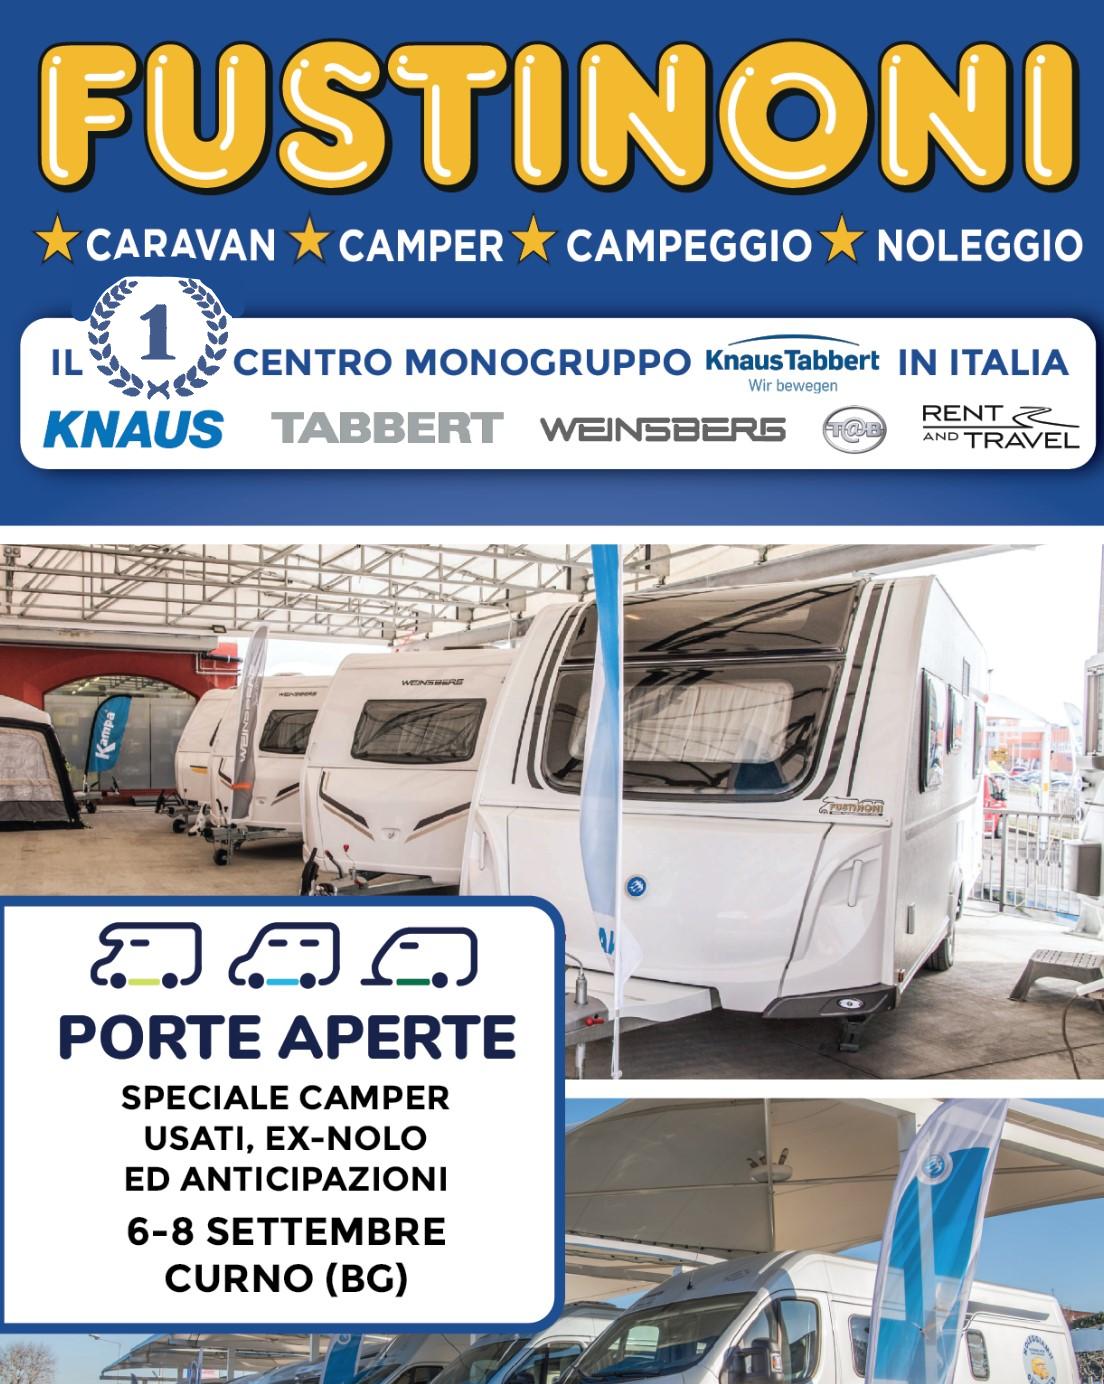 2-VOLANTINO-SETTEMBRE-2019-FUSTINONI-SPORT.jpg-Copia